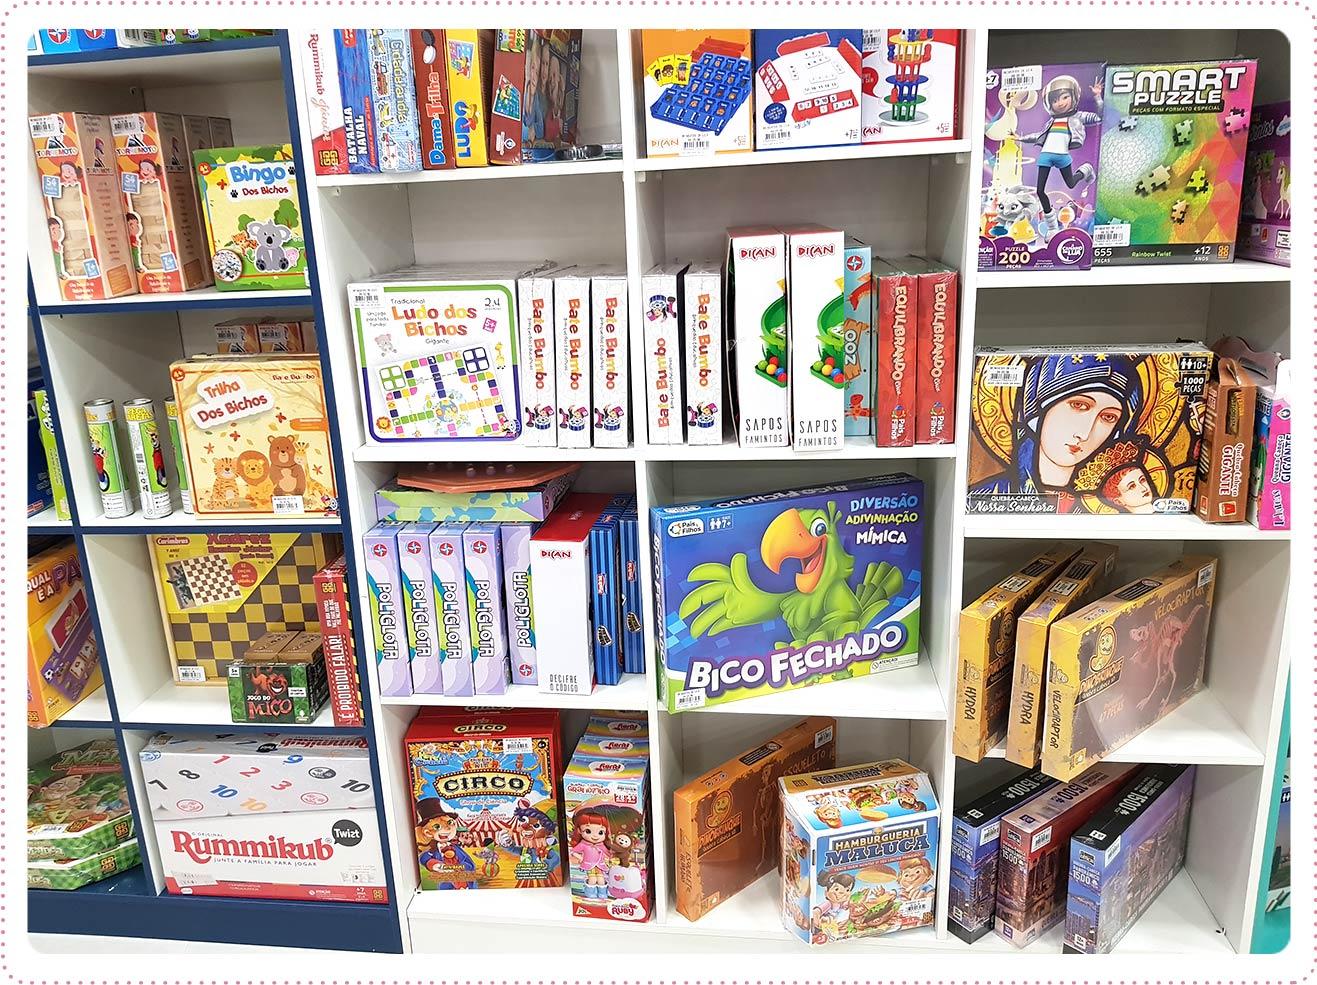 Temos jogos de tabuleiros clássicos, inteligentes, divertidos e atuais para todos os gostos e idades. Uma loja completa como essa tinha que ser a Brinquedos da Vila mesmo!!